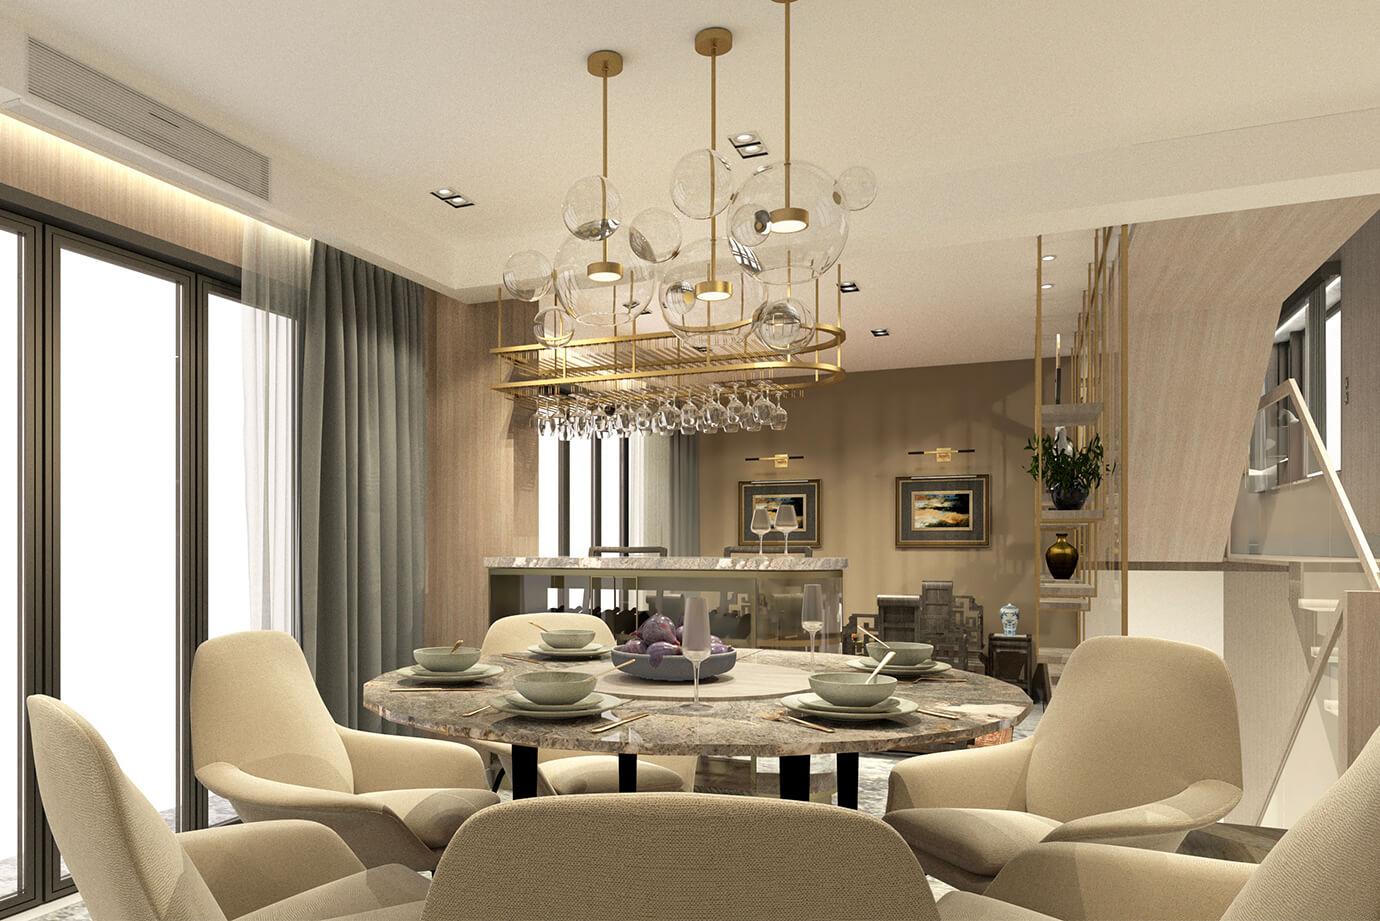 Inch Interior Design Hong Kong Sai Kung House